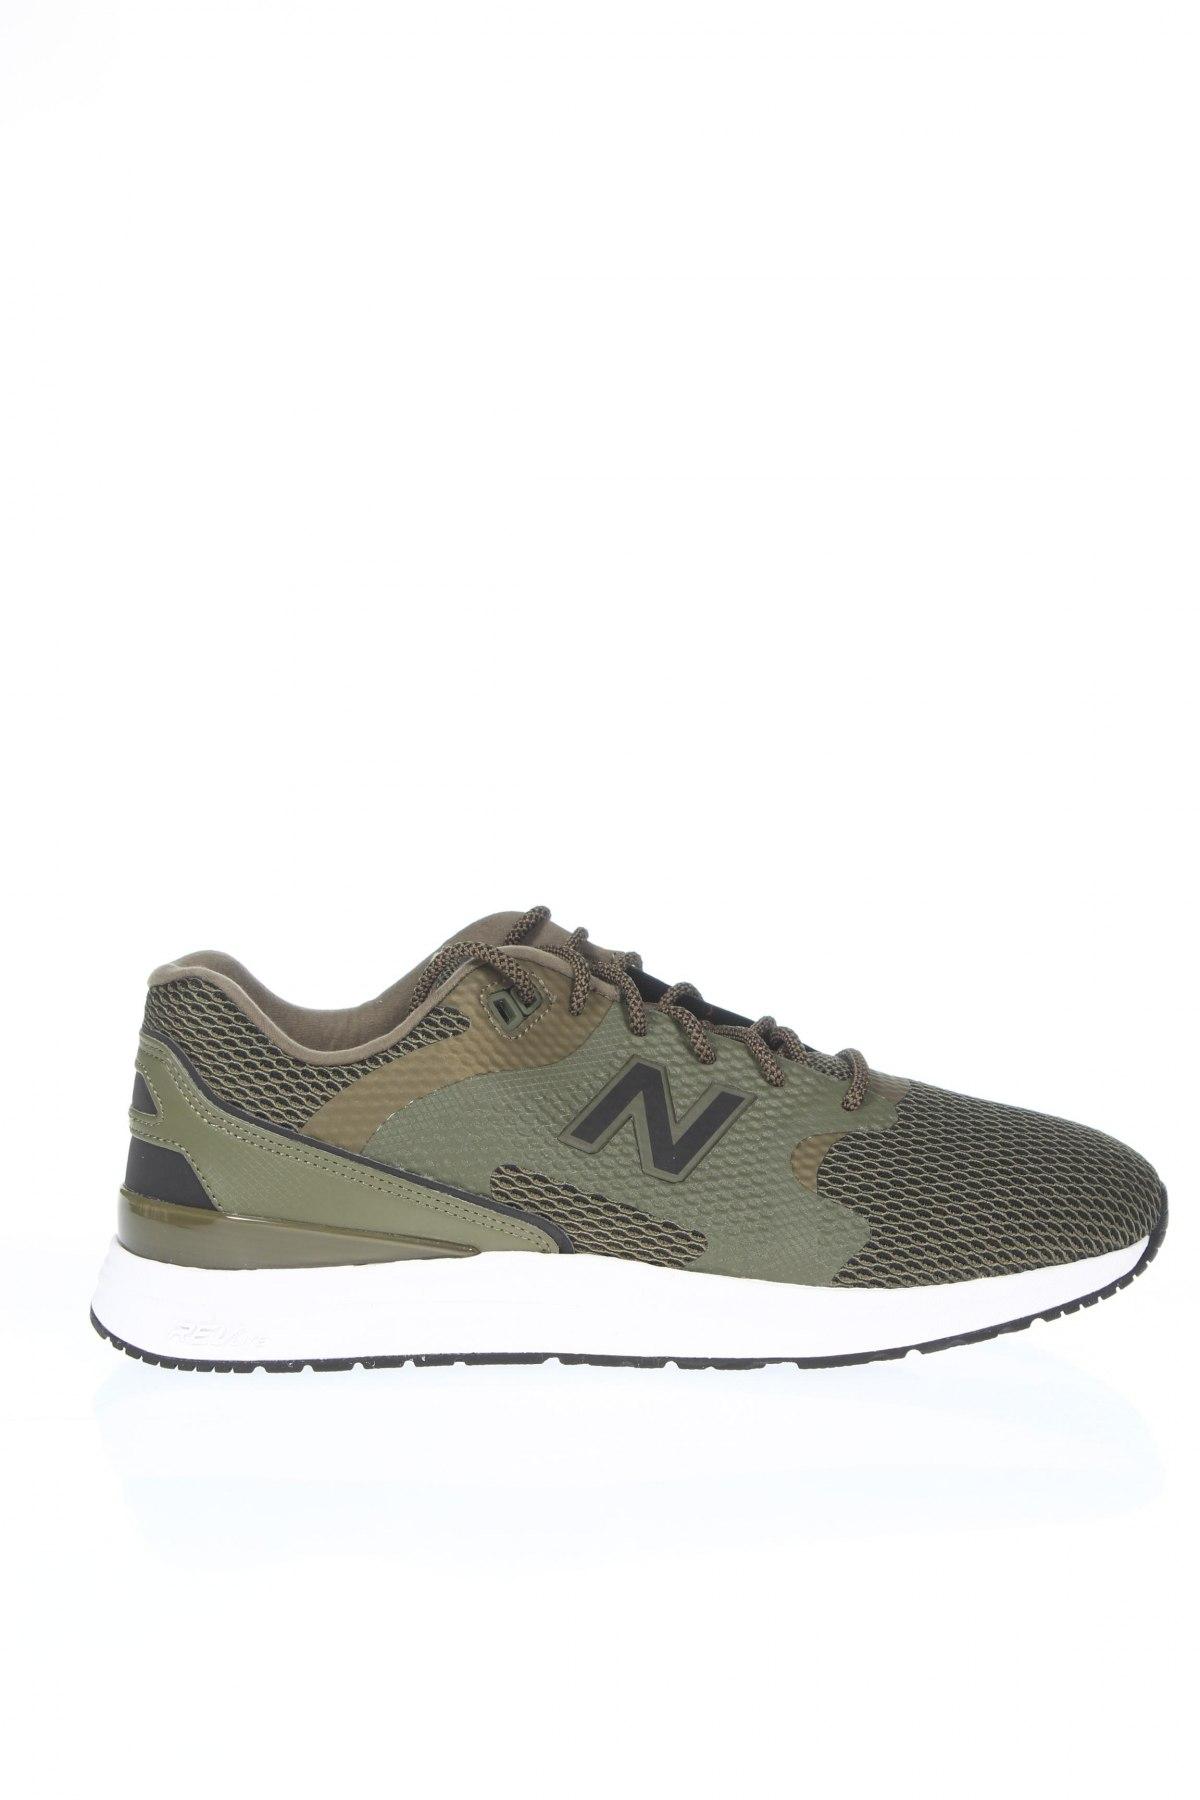 Férfi cipők New Balance - kedvező áron Remixben -  103787932 55fe2f7316